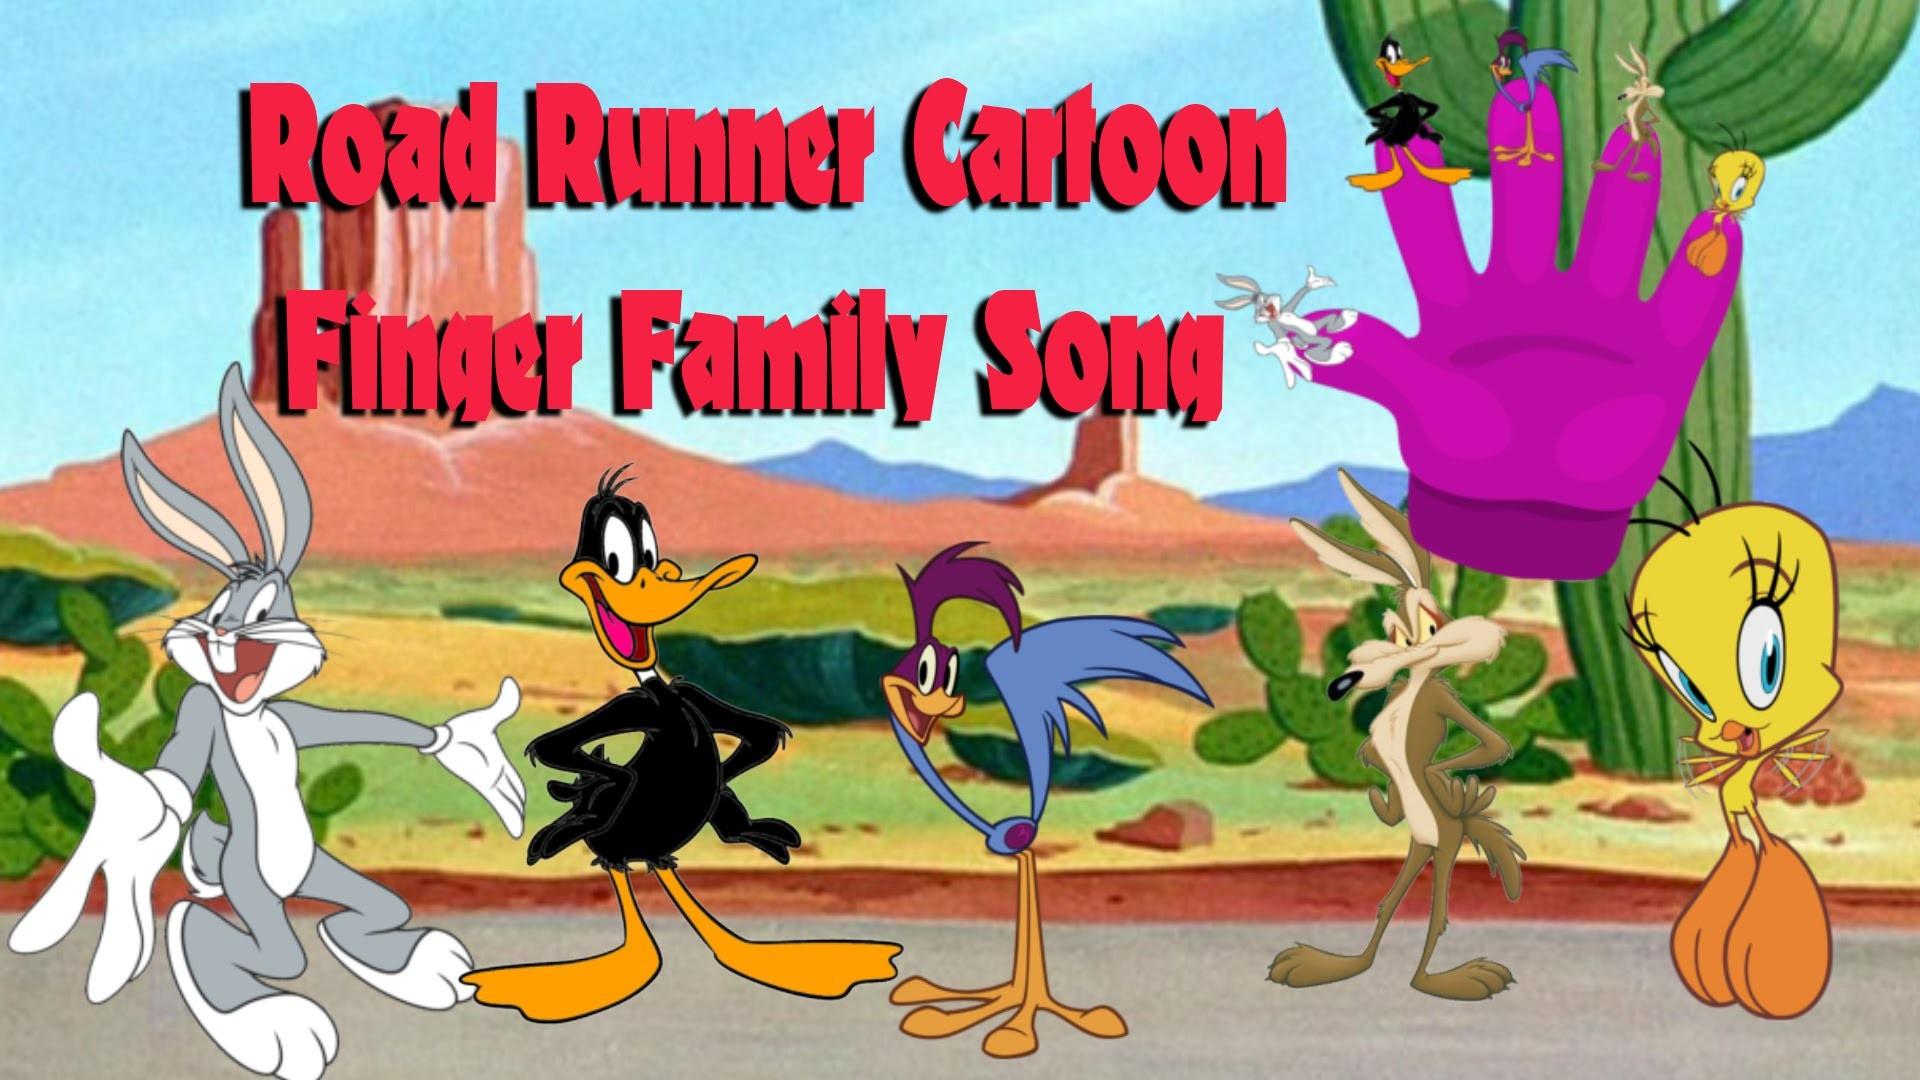 Road Runner Cartoon Finger Family Song | Nursery Rhymes for Children's